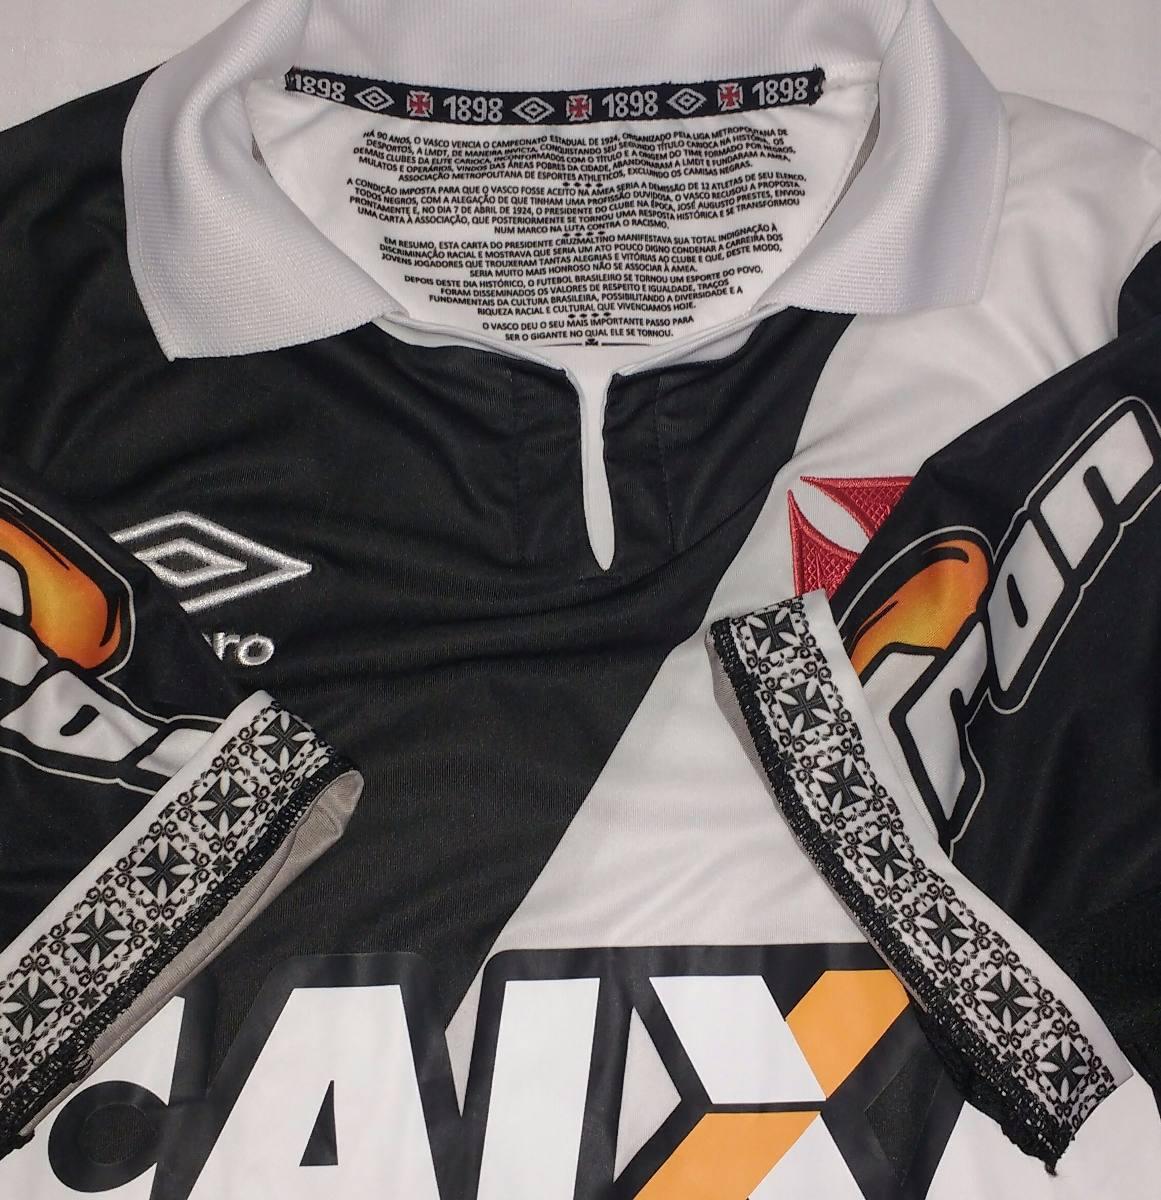 e1e08d9387 camisa do vasco da gama contra o racismo 2014 original umbro. Carregando  zoom.